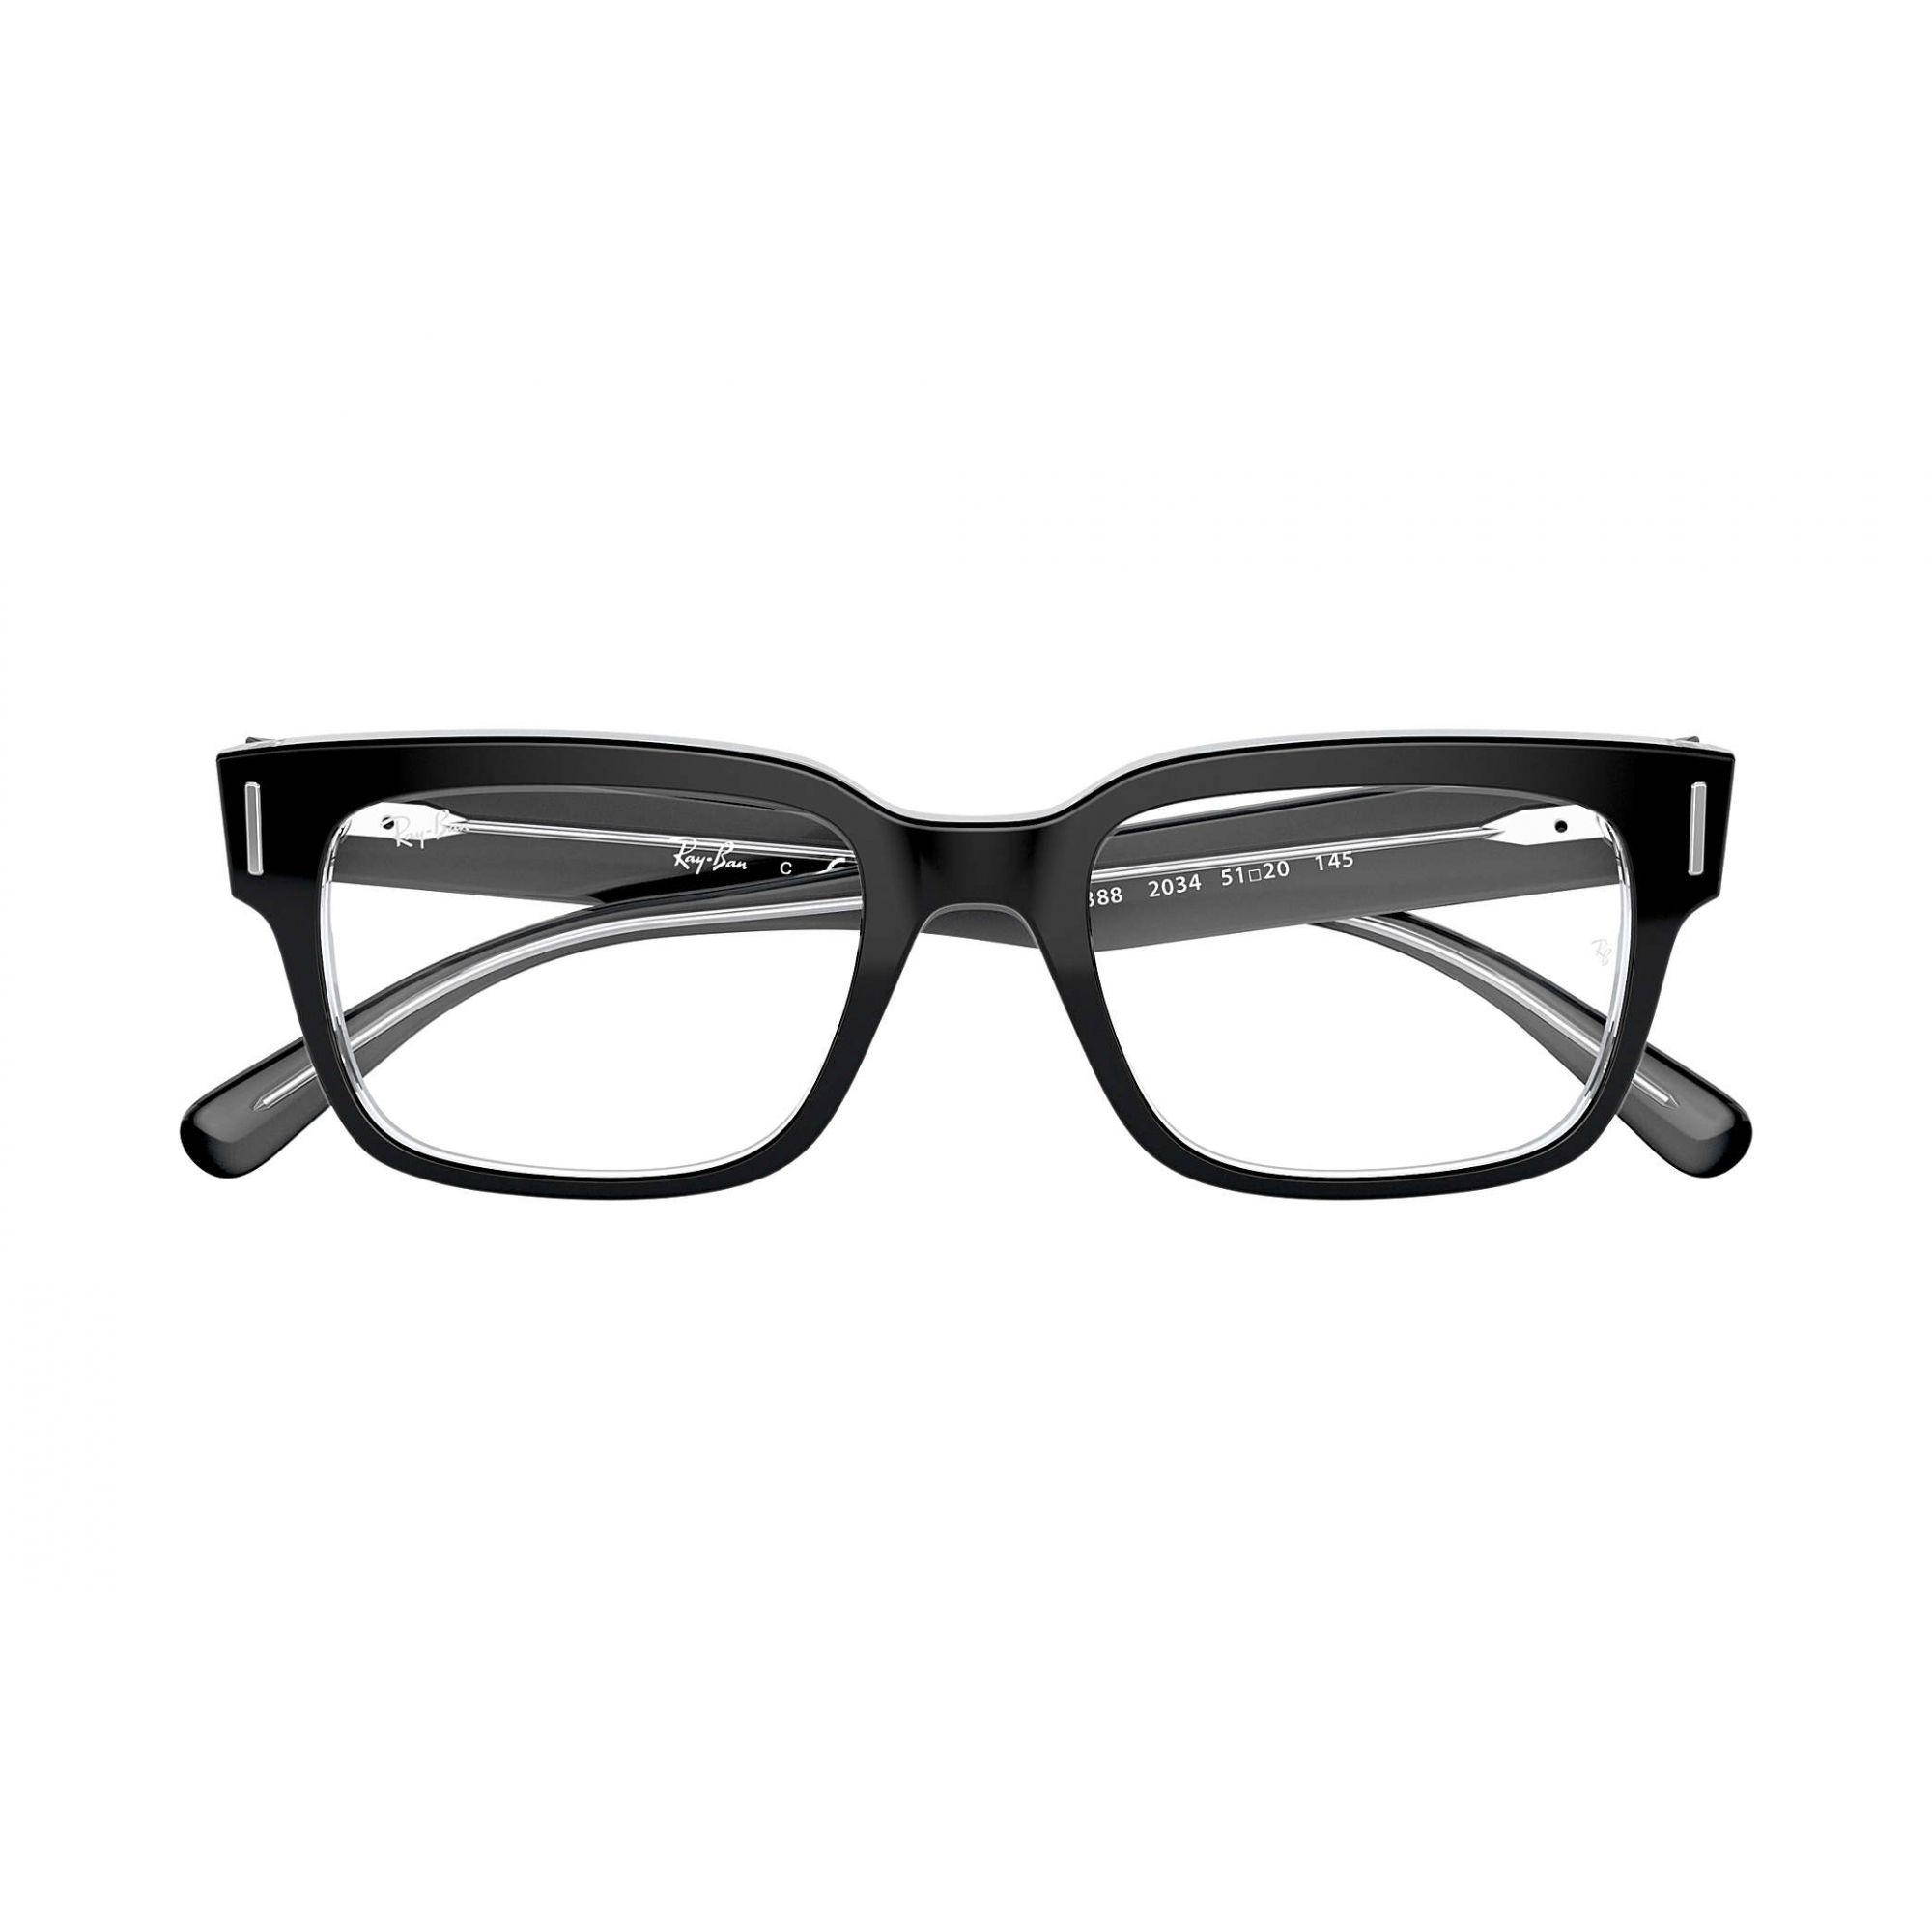 Ray Ban - RB5388 2034 - Óculos de grau